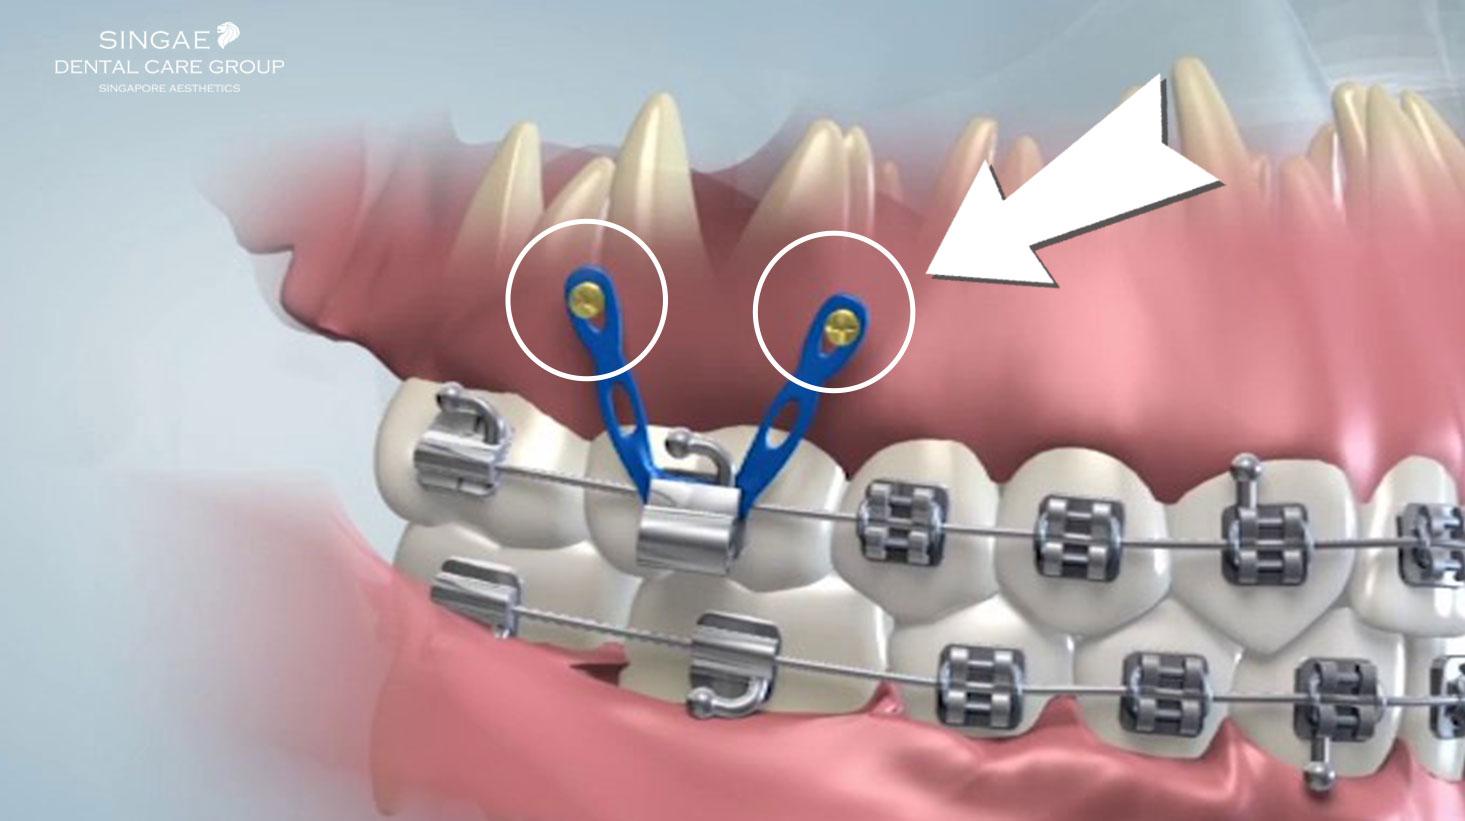 Bắt vít niềng răng để làm gì? Sợ hãi khi biết sự thật về vít niềng răng